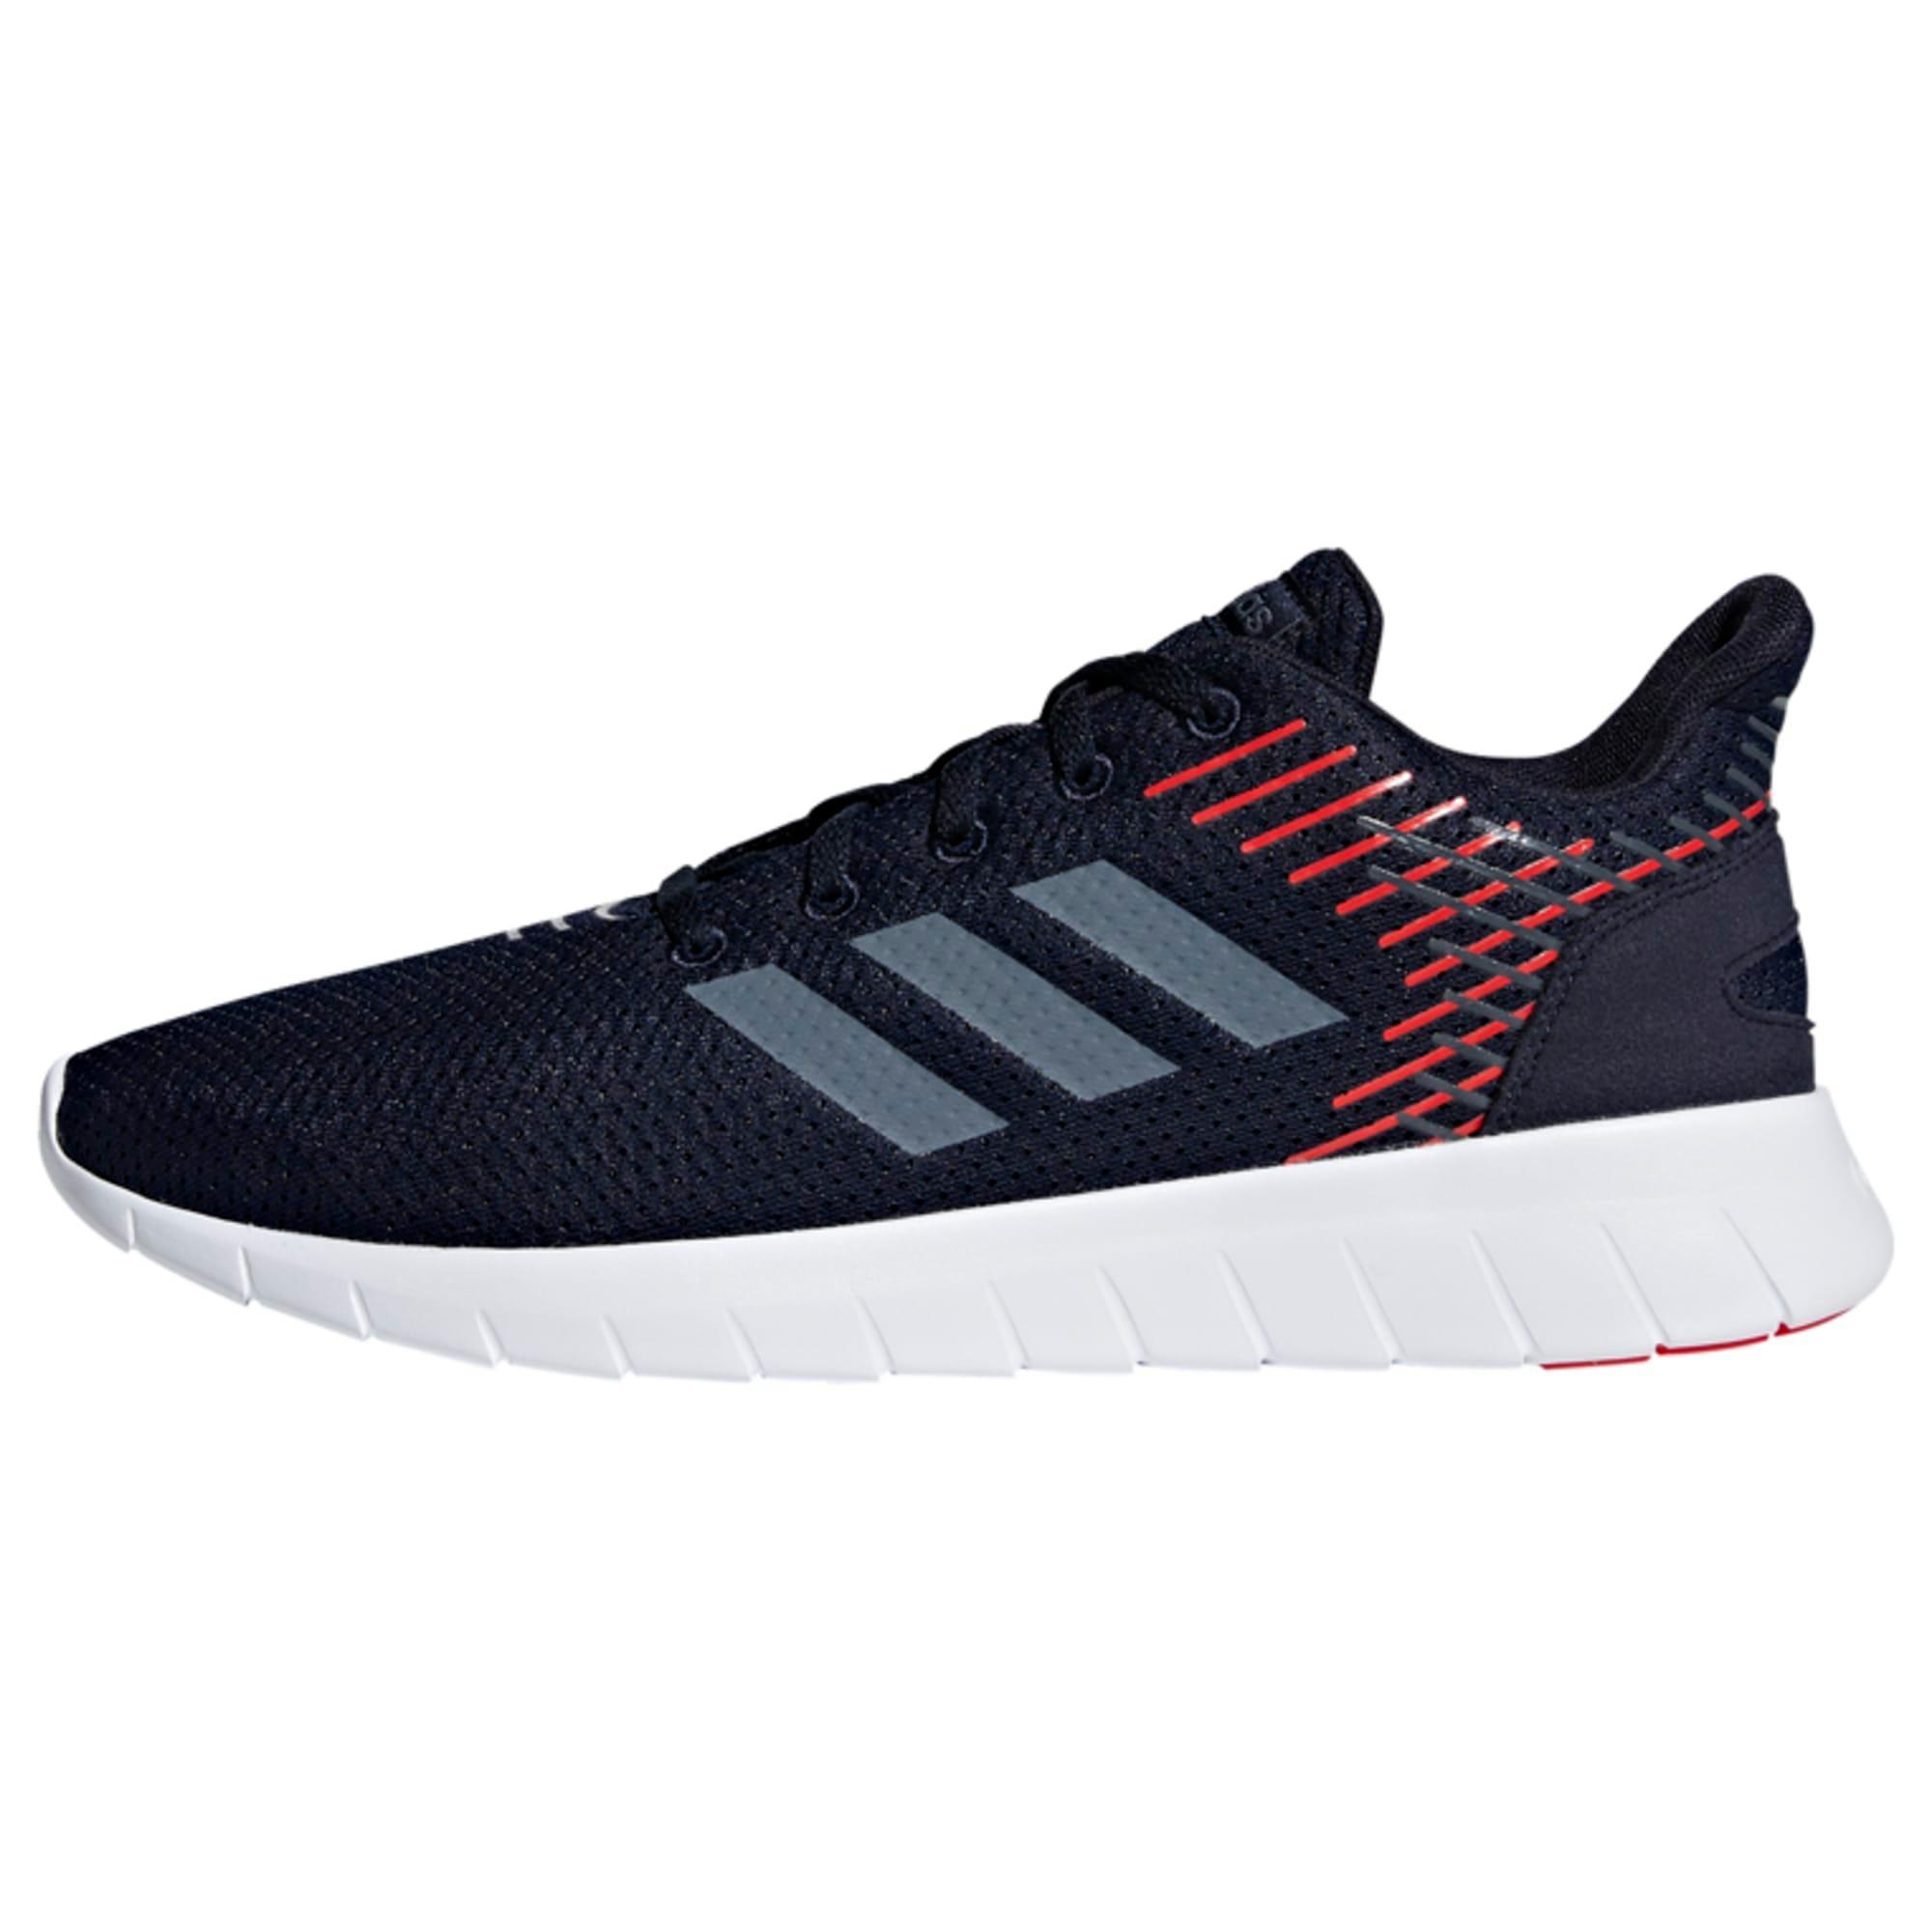 Adidas Laufschuhe Herren Legend Ink   Onix   Active rot im Online Shop von SportScheck kaufen Gute Qualität beliebte Schuhe